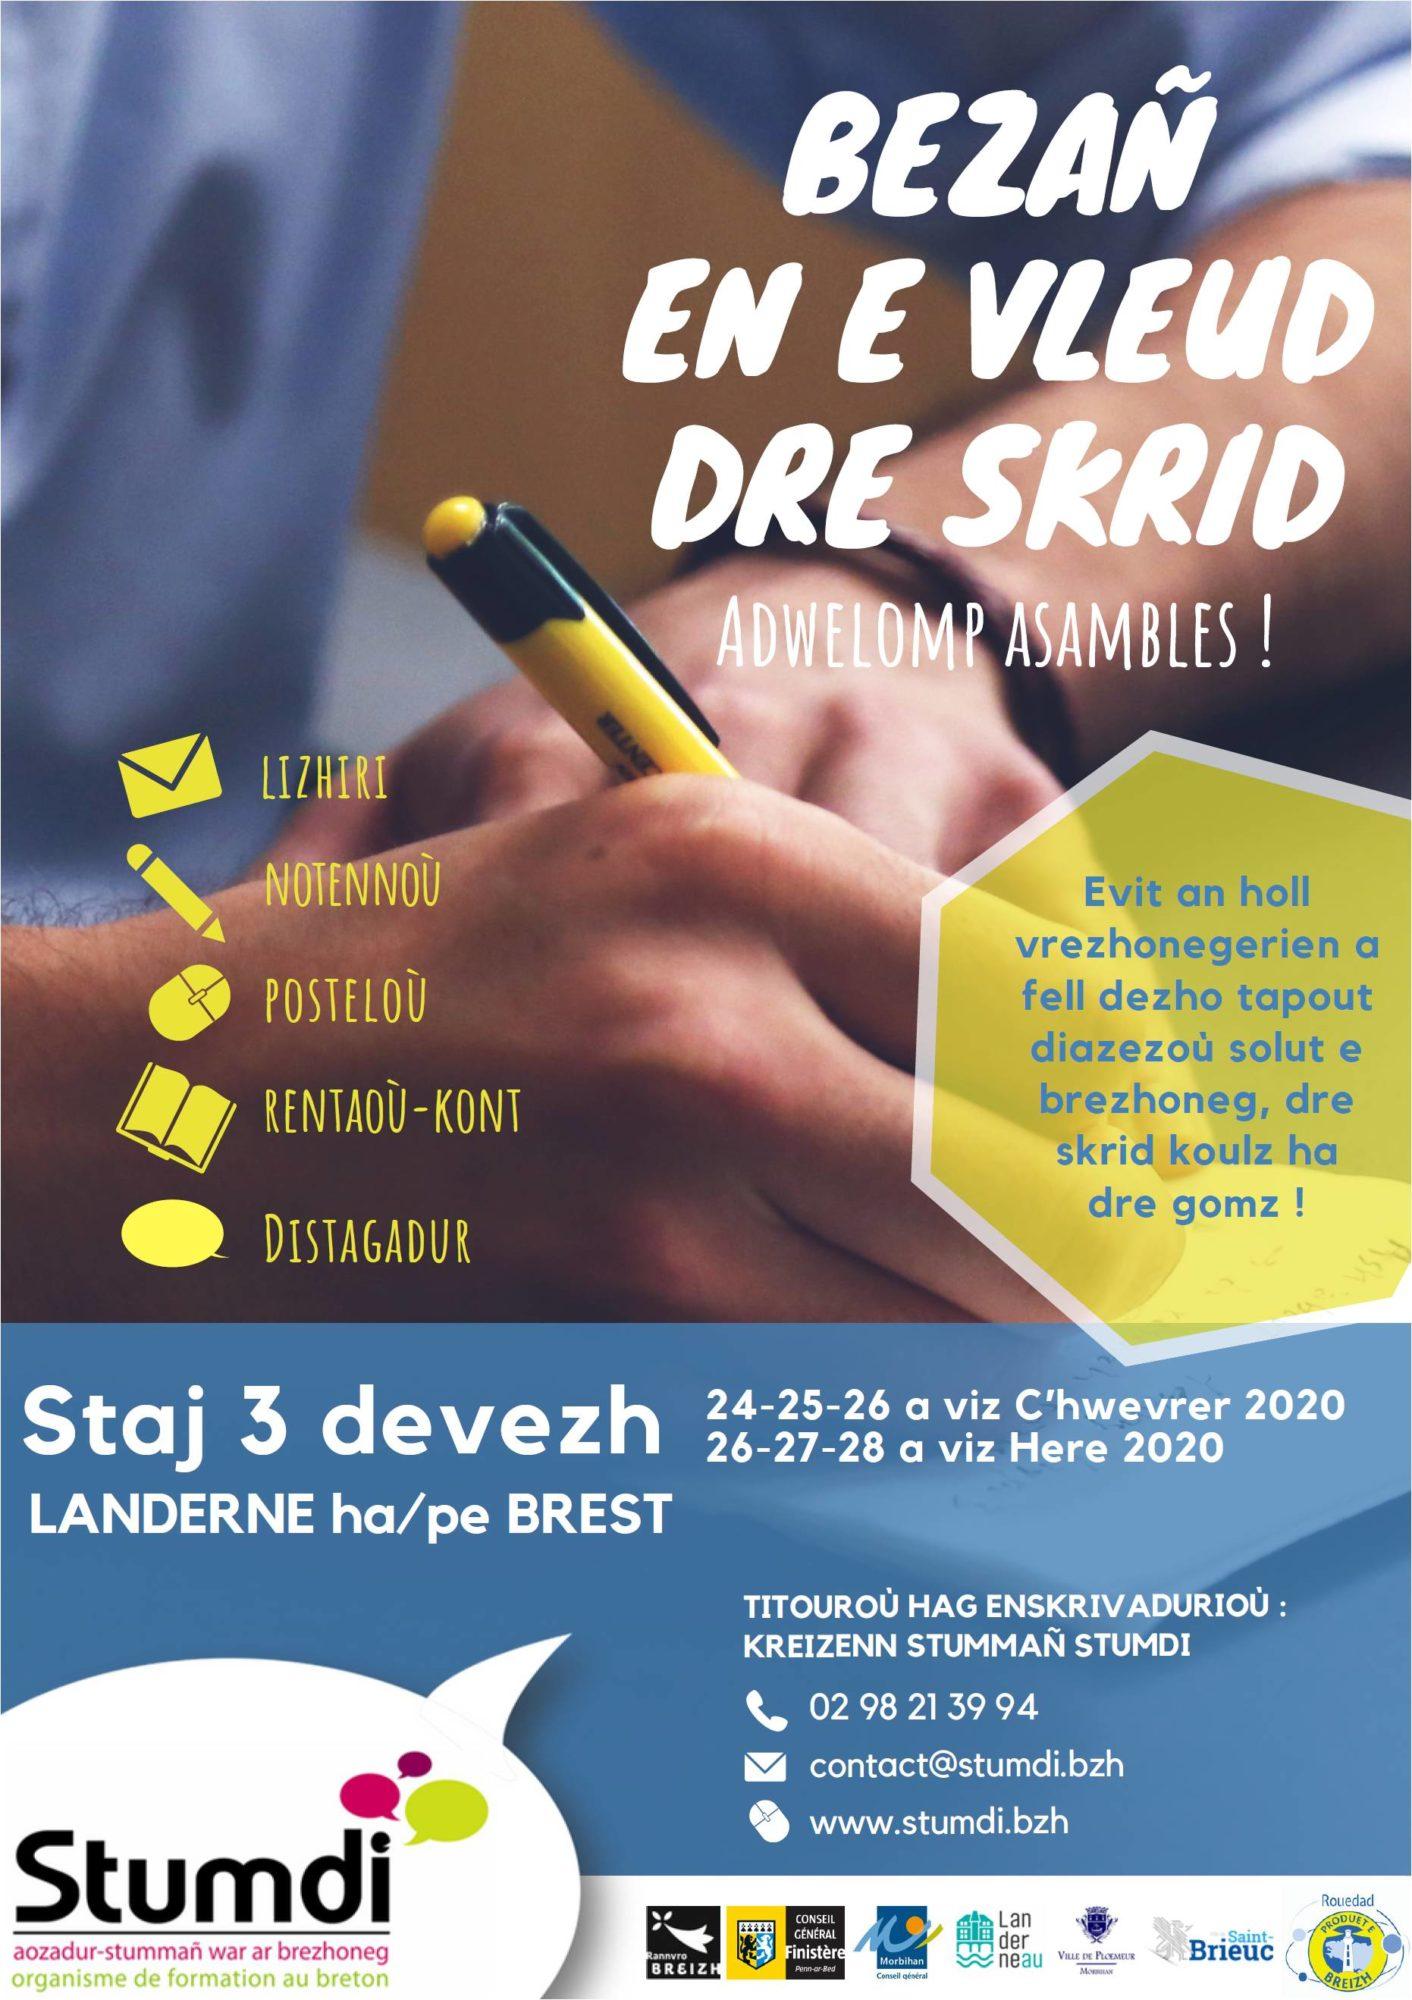 Stumdi centre de formation en langue bretonne